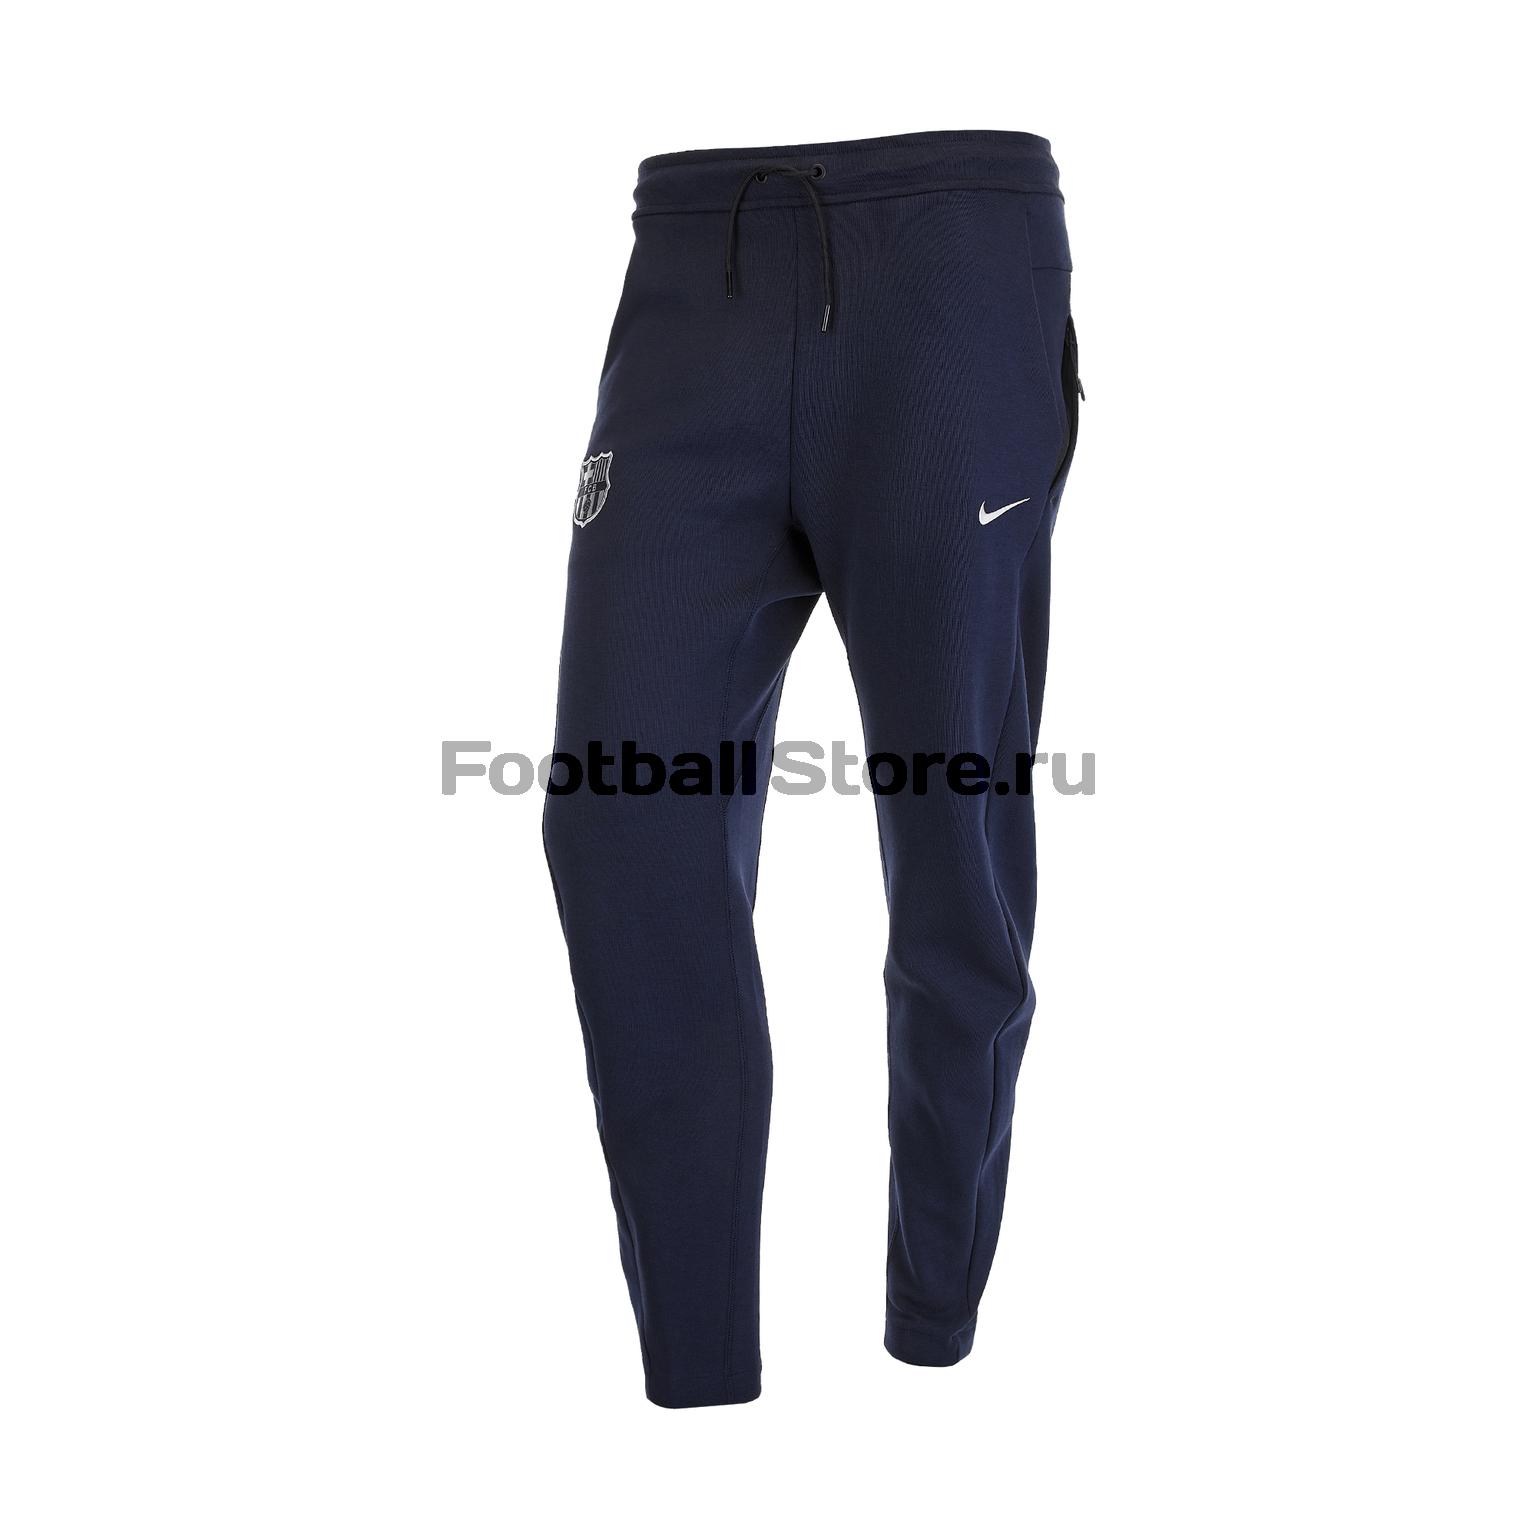 Брюки тренировочные Nike Barcelona 2018/19